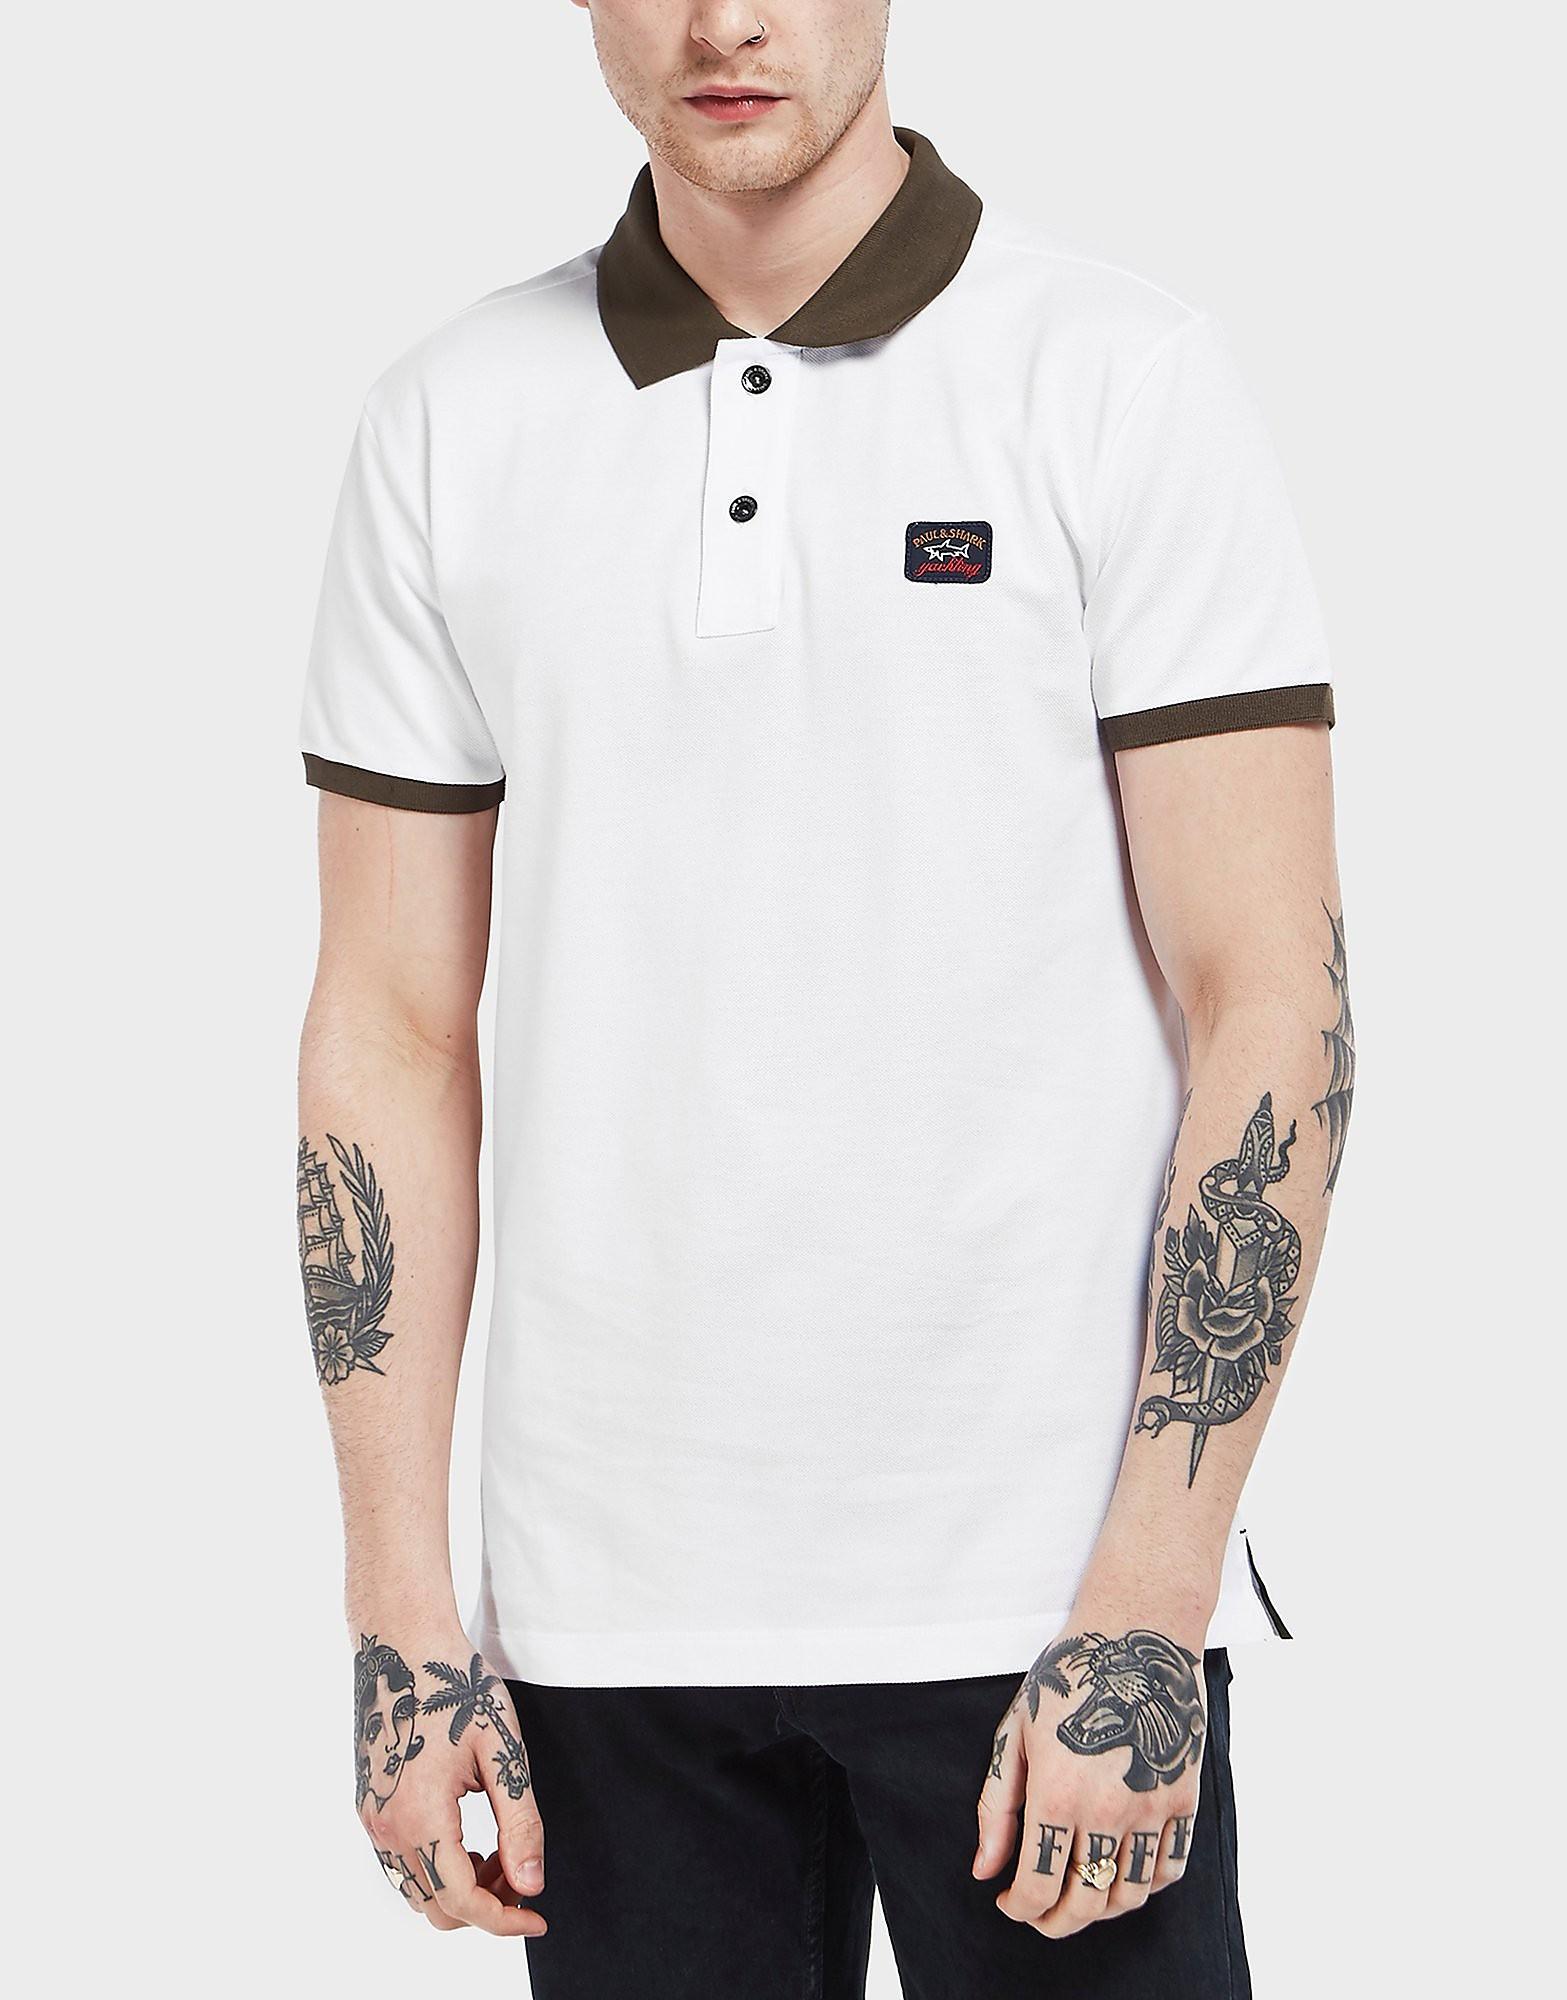 Paul and Shark Contrast Short Sleeve Polo Shirt